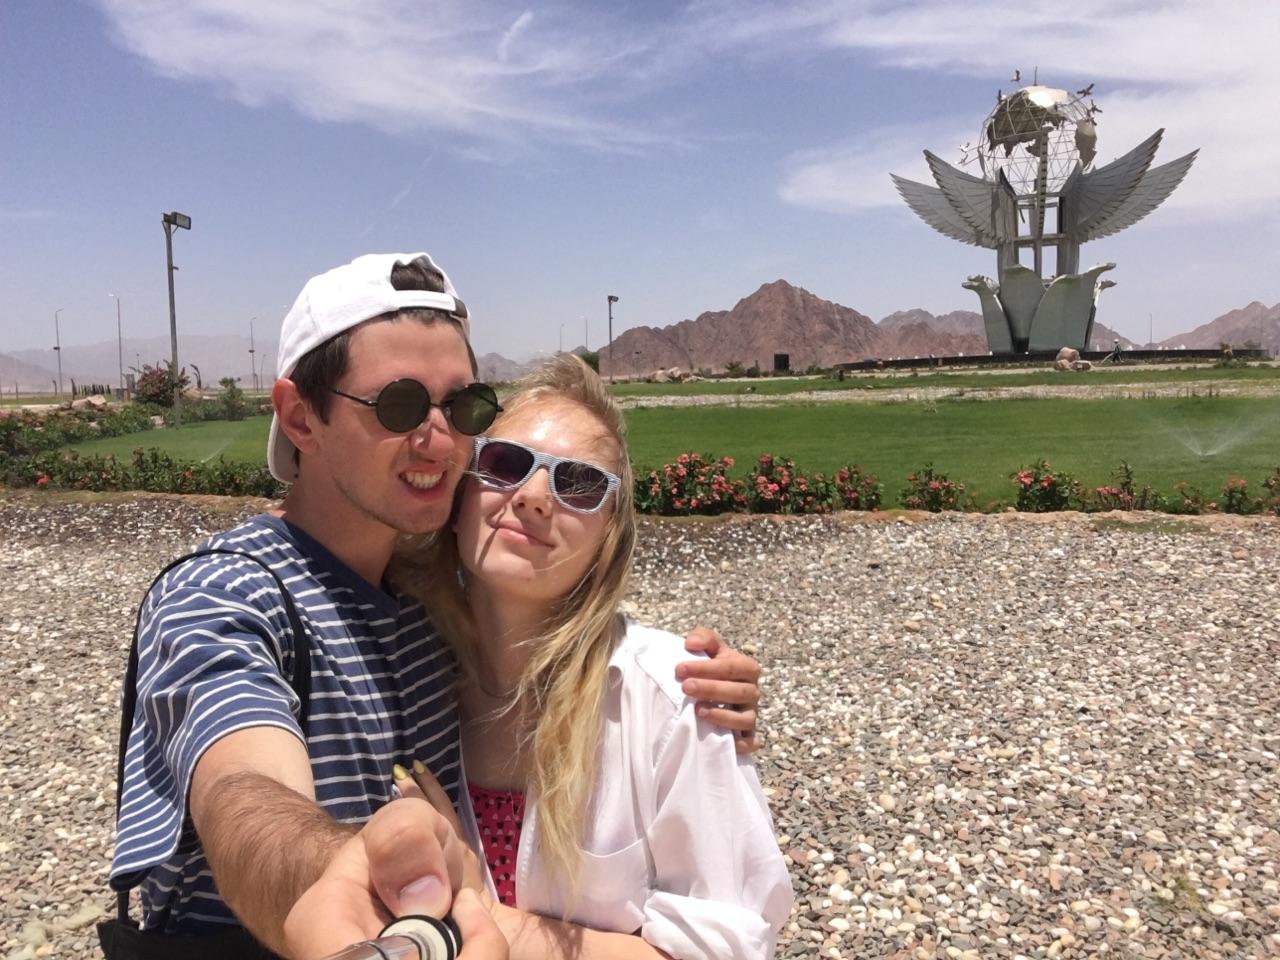 Евгений Тиханович и Екатерина Бубен в Шарм-эль-Шейхе. Фото: Евгений ТИХАНОВИЧ